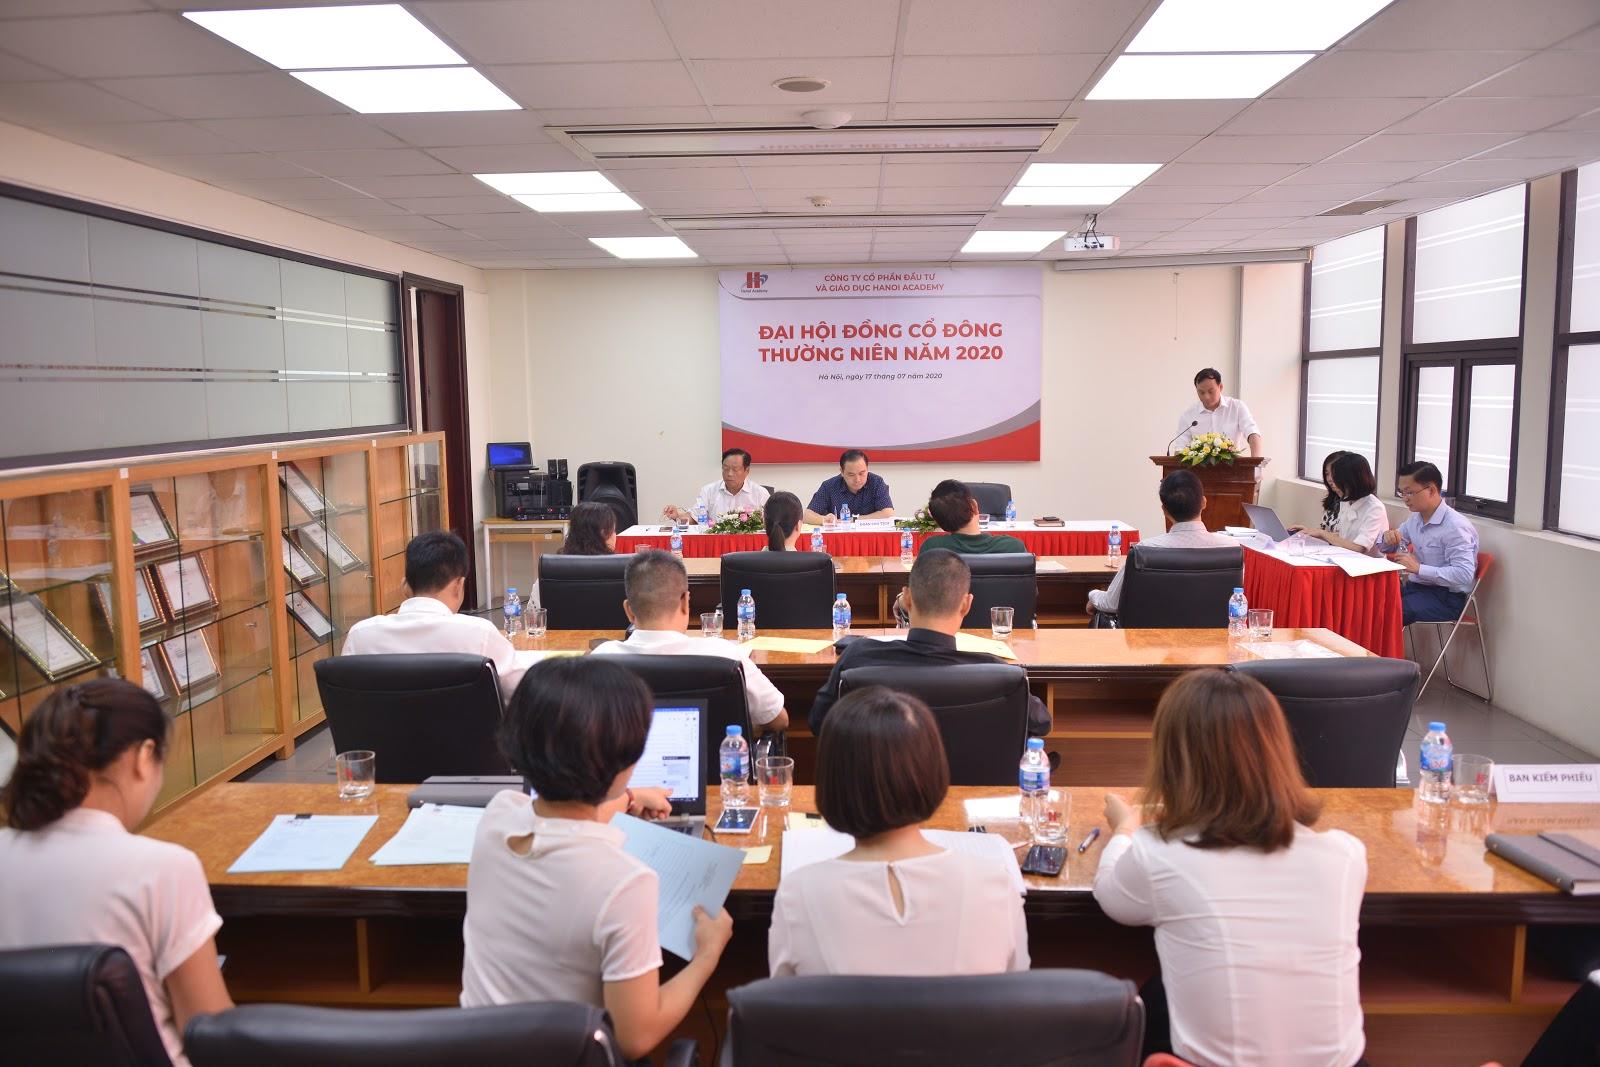 Hanoi Academy tổ chức thành công Đại hội đồng cổ đông thường niên năm 2020